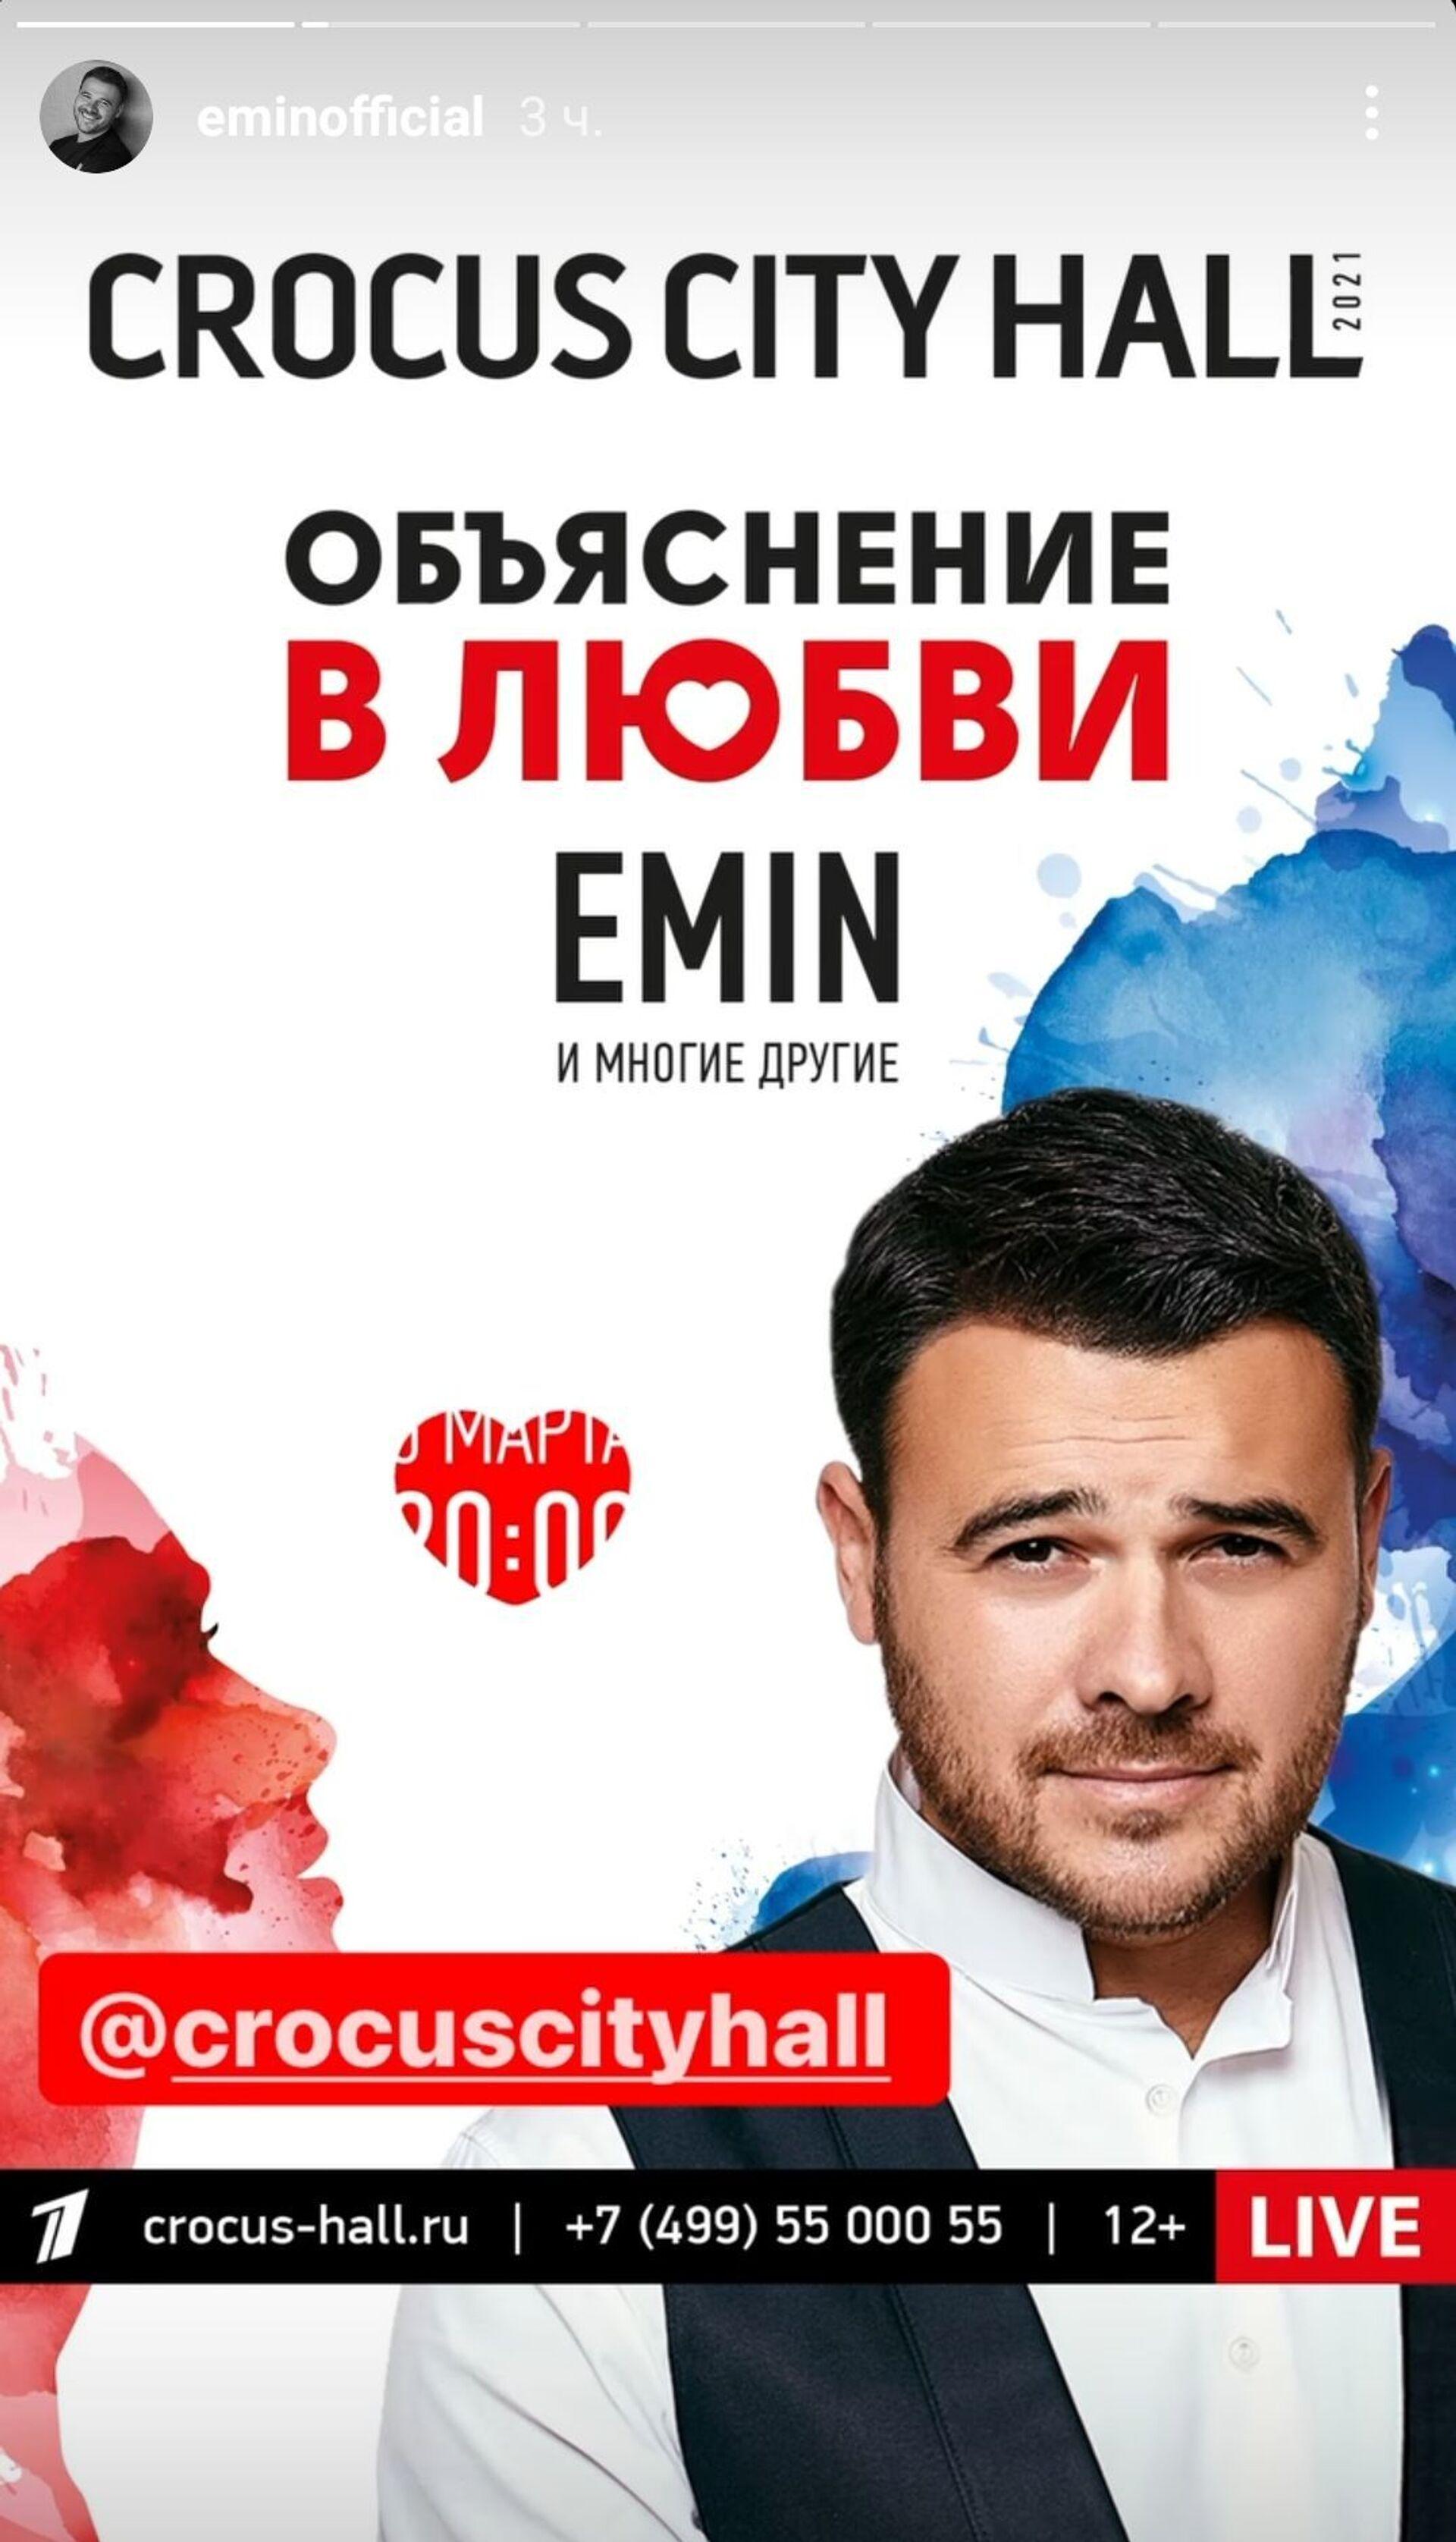 Эмин Агаларов объяснится в любви россиянкам - Sputnik Азербайджан, 1920, 21.02.2021